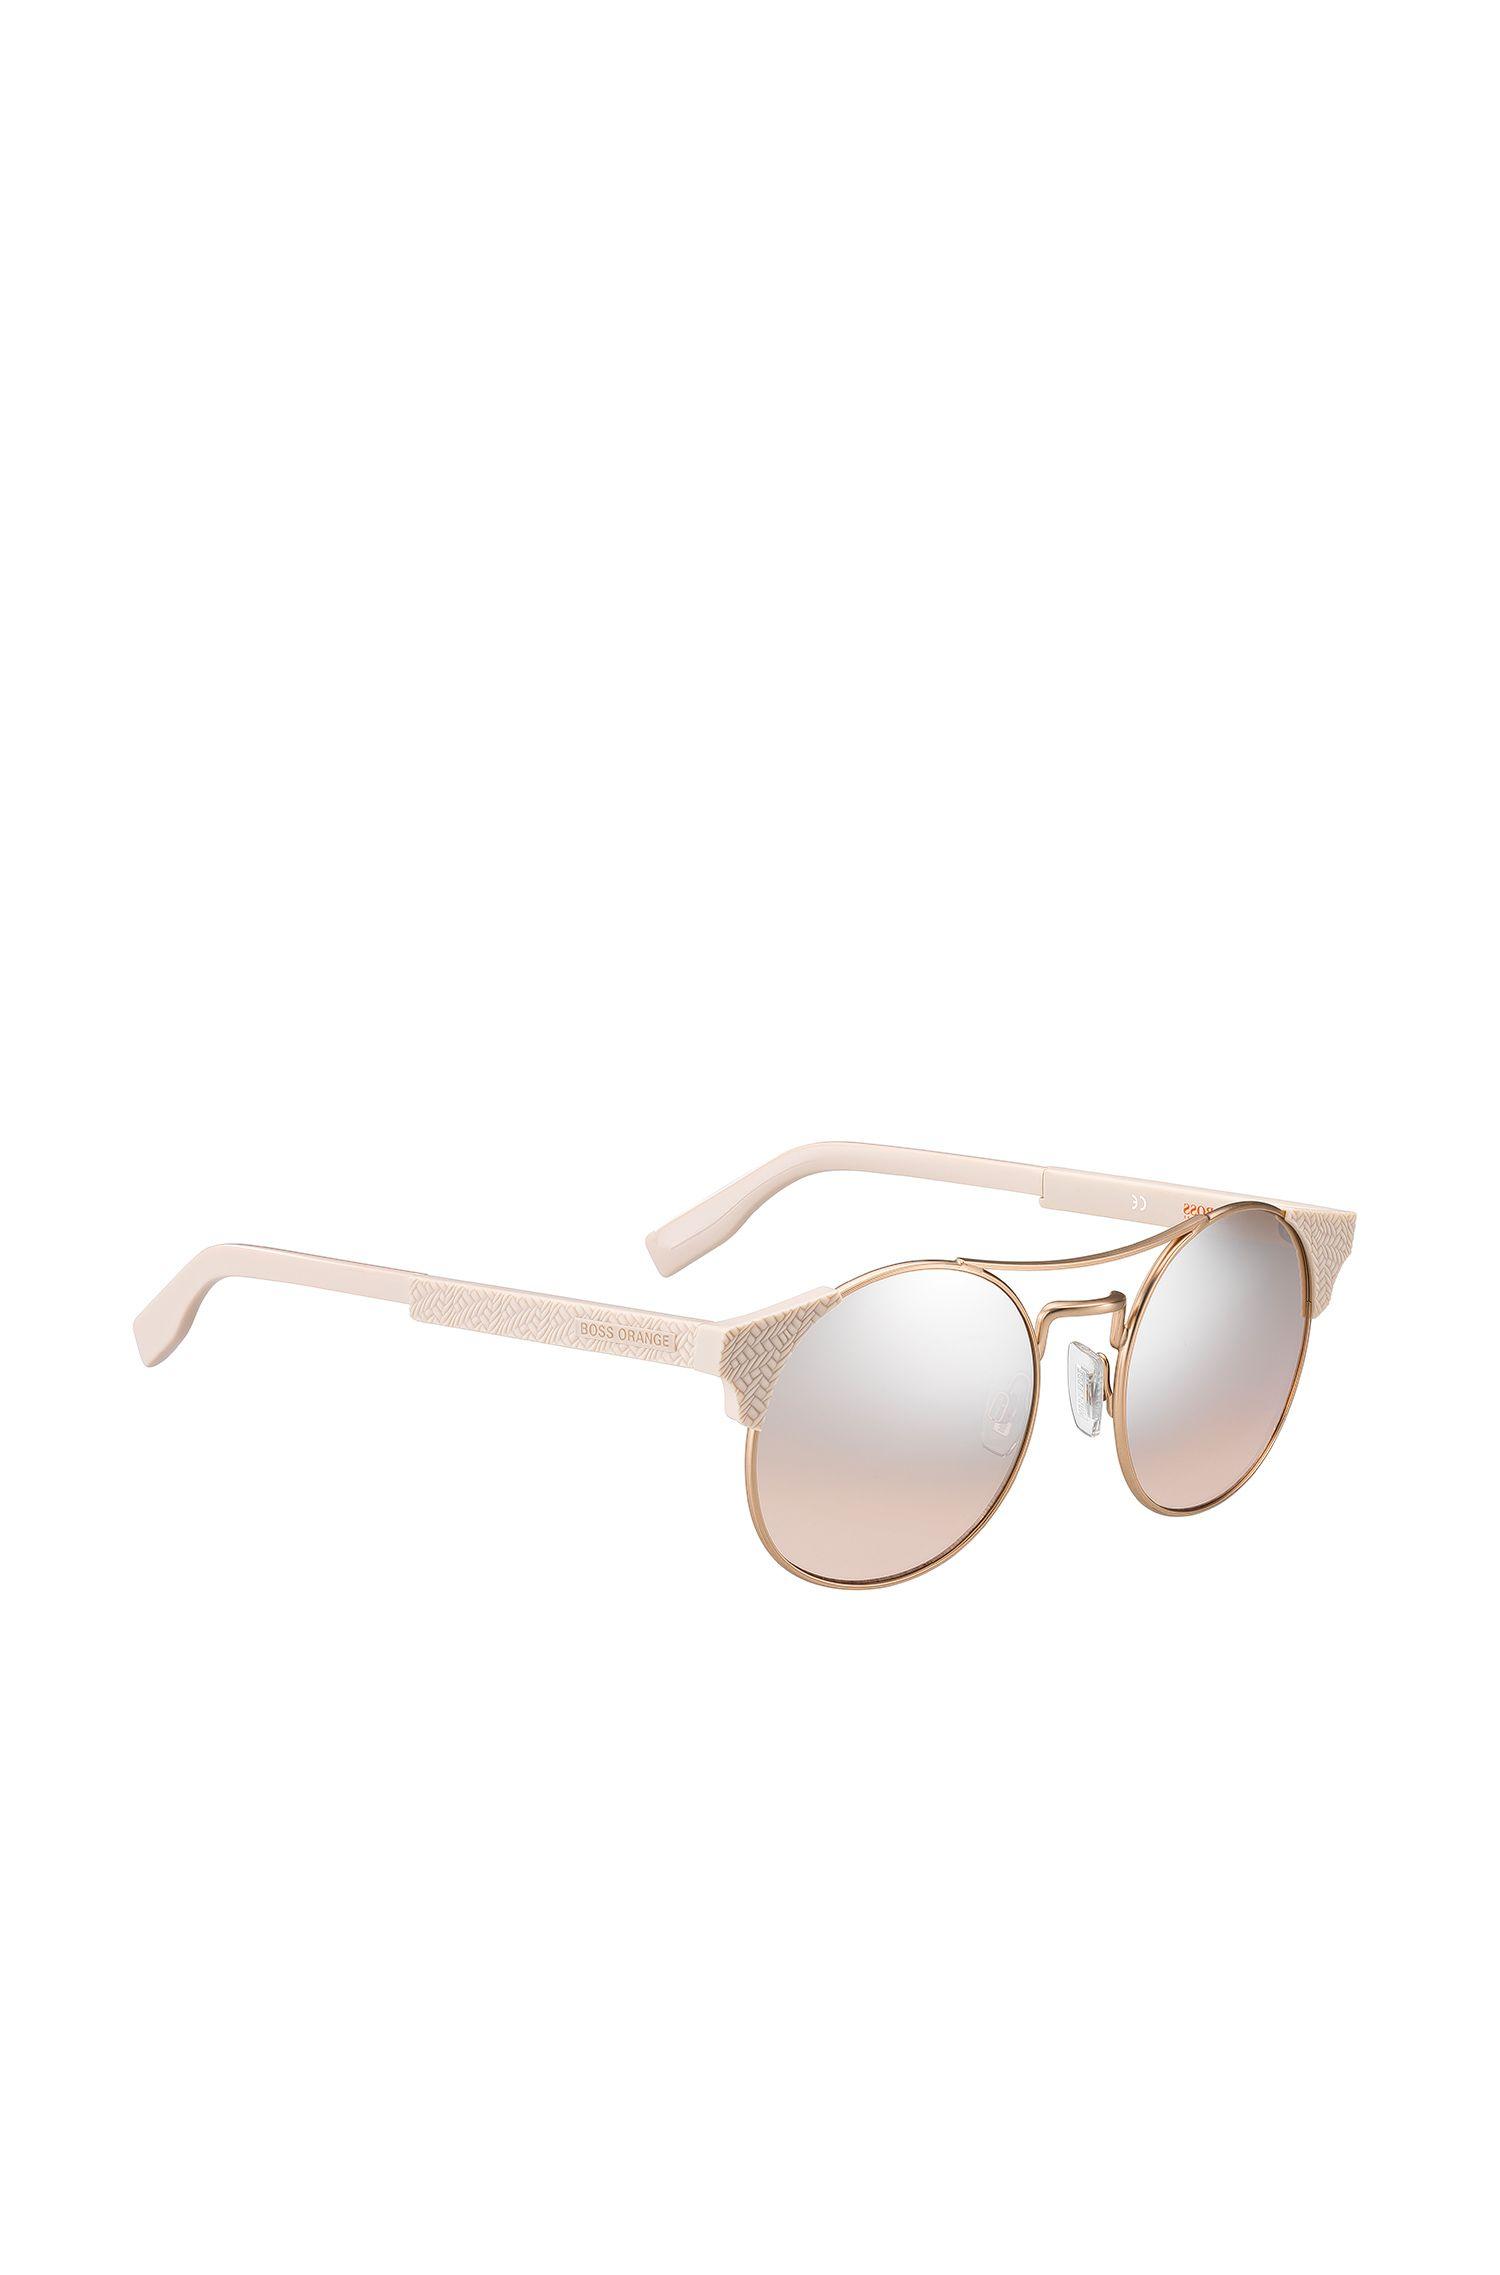 Goud-koperkleurige panto-zonnebril met gestructureerde poten